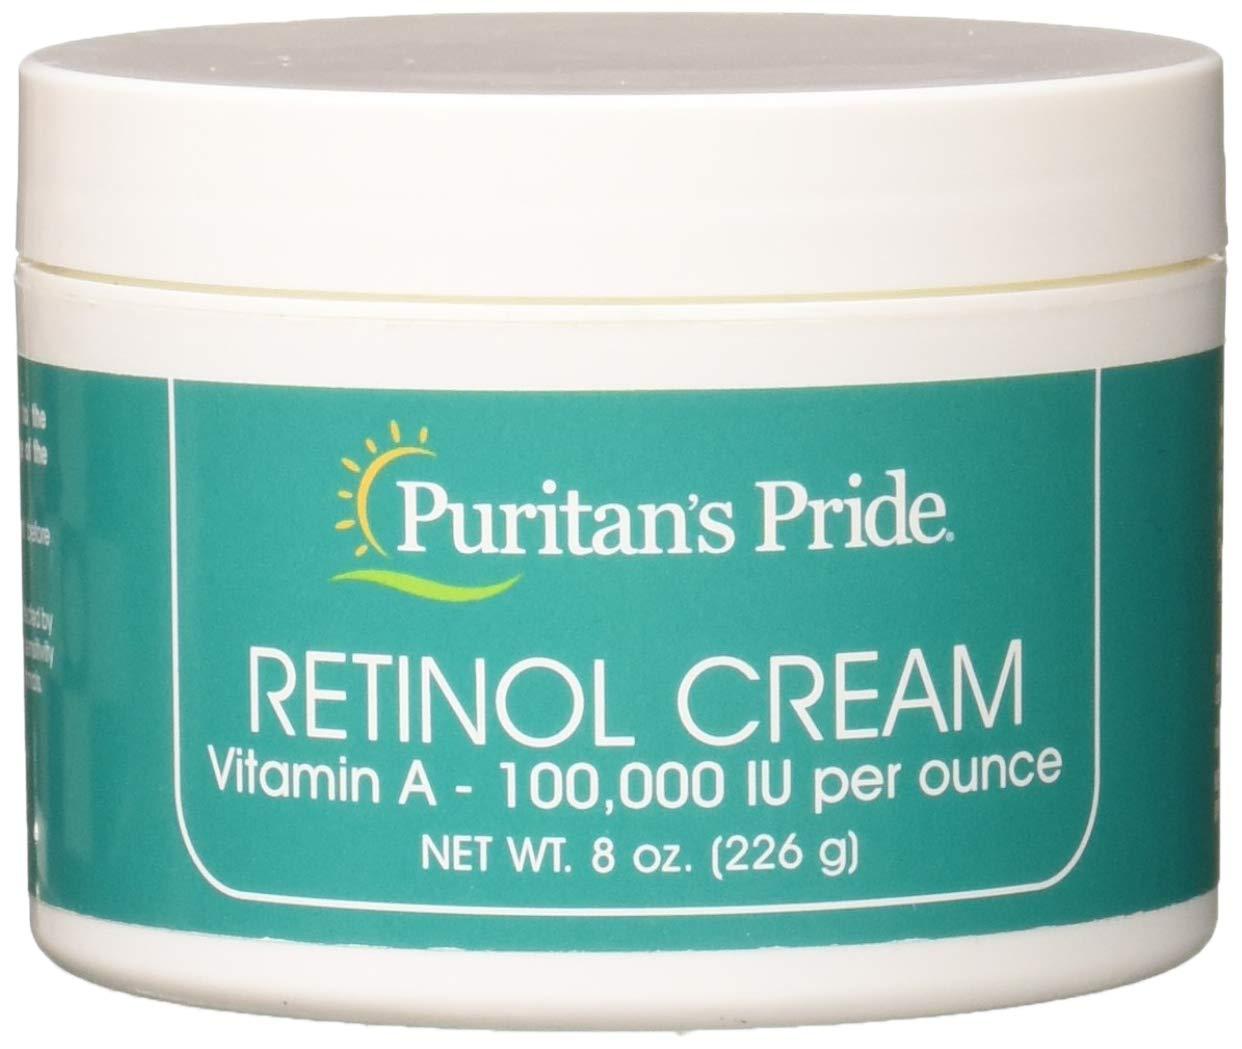 Puritans Pride Retinol Cream (Vitamin A 100,000 Iu Per Ounce), 8 Ounce by Puritan's Pride